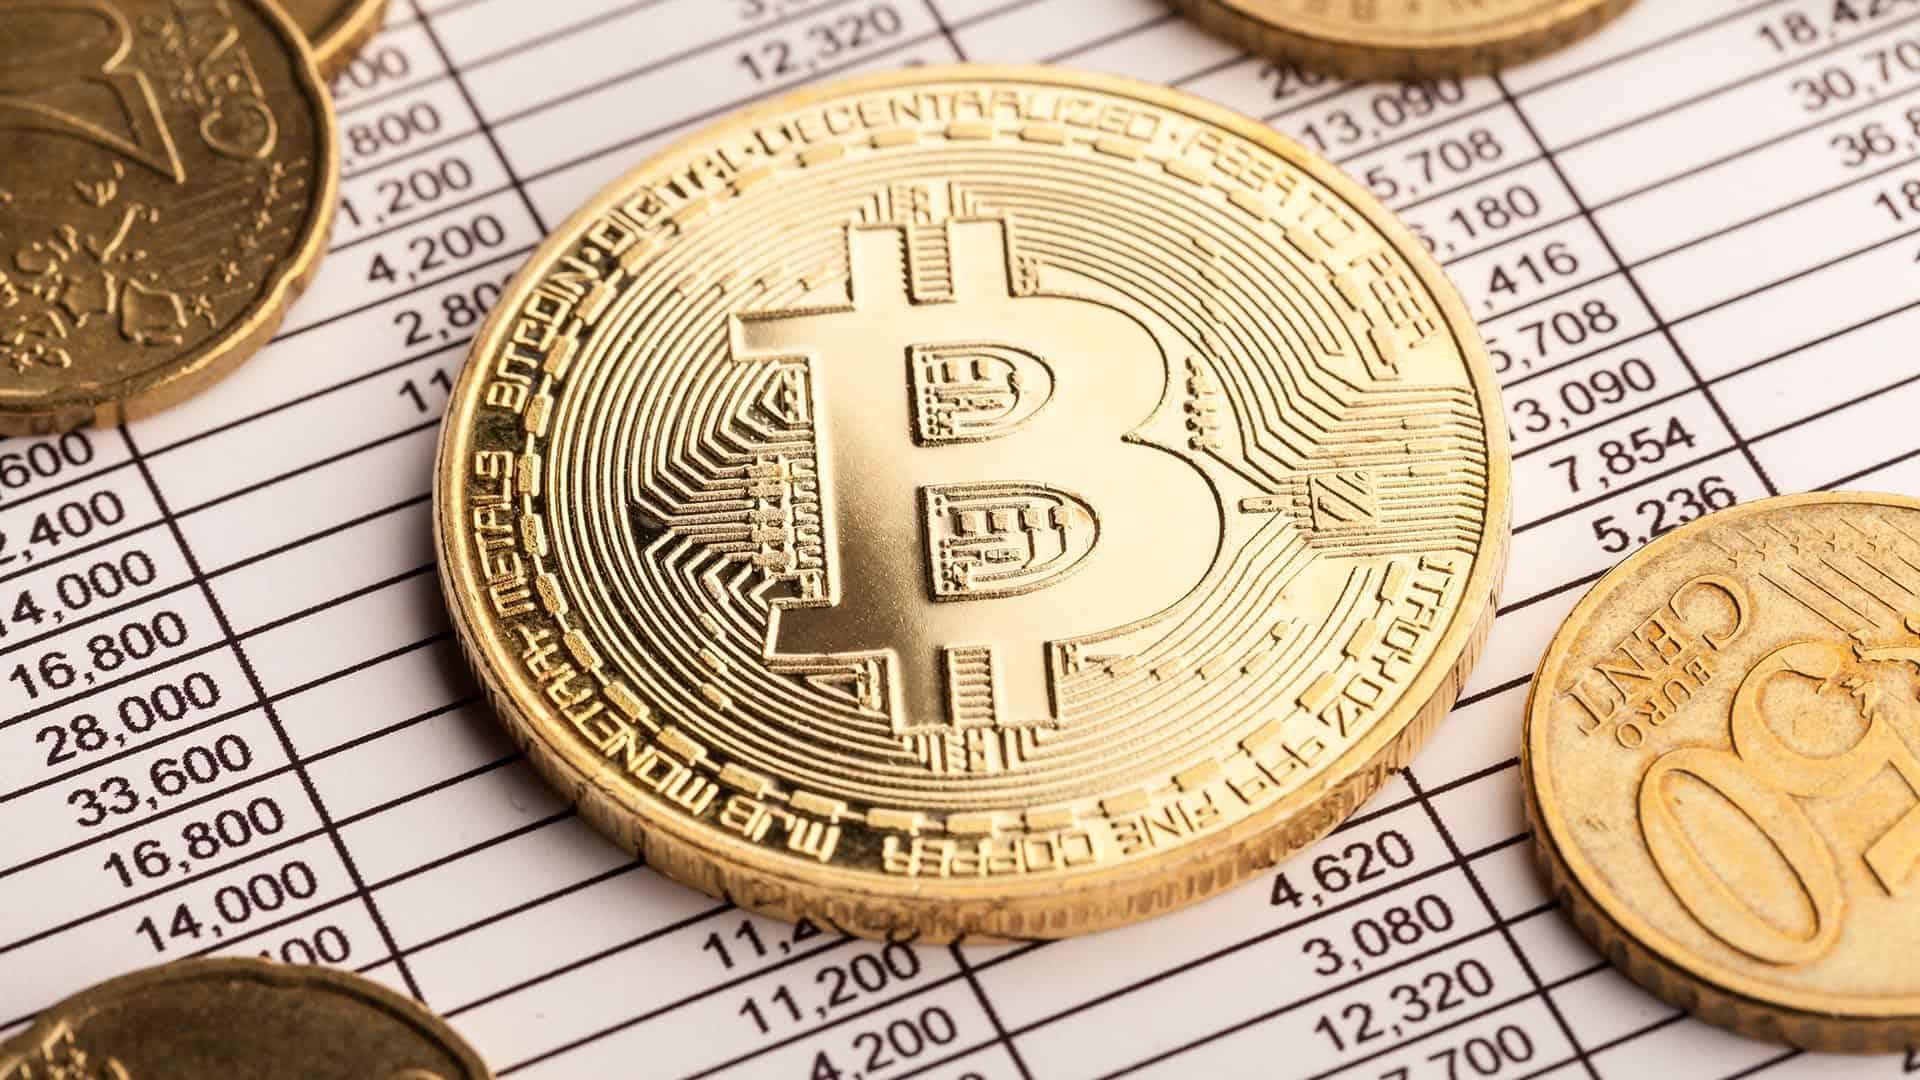 E-Geld Lizenz macht es möglich: Krypto-Börse kooperiert mit Barclays